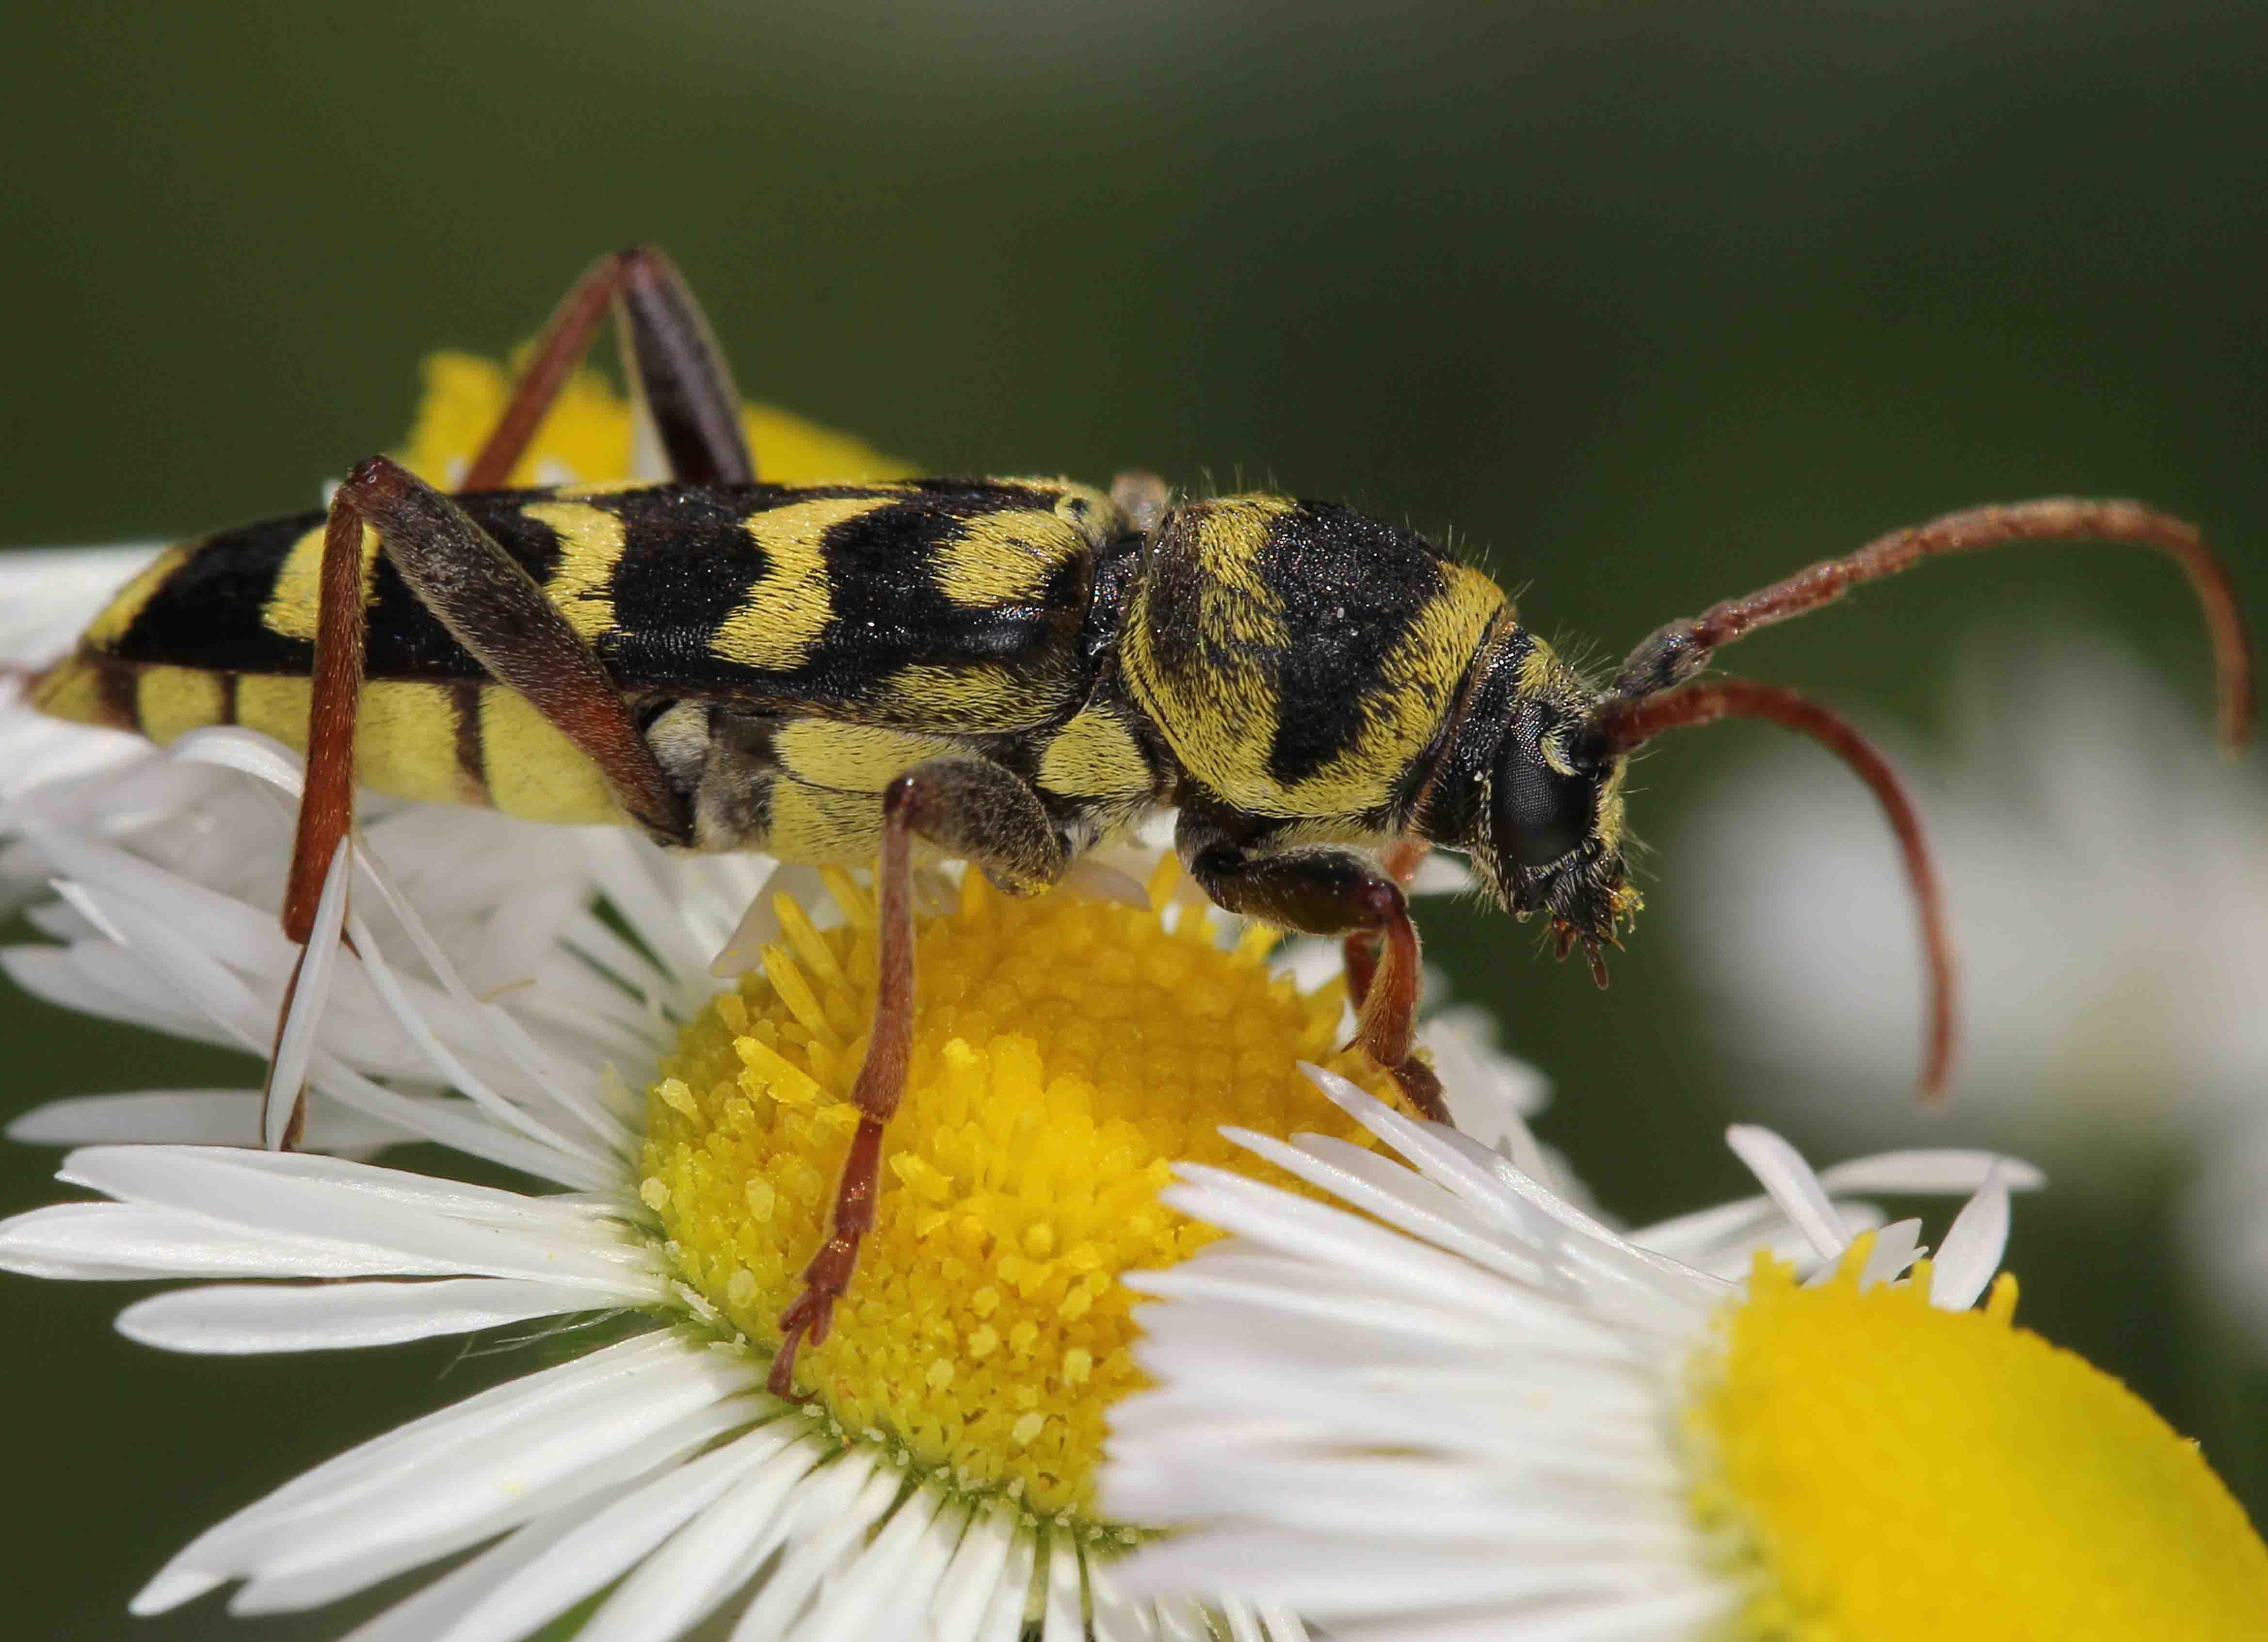 Plagionotus floralis